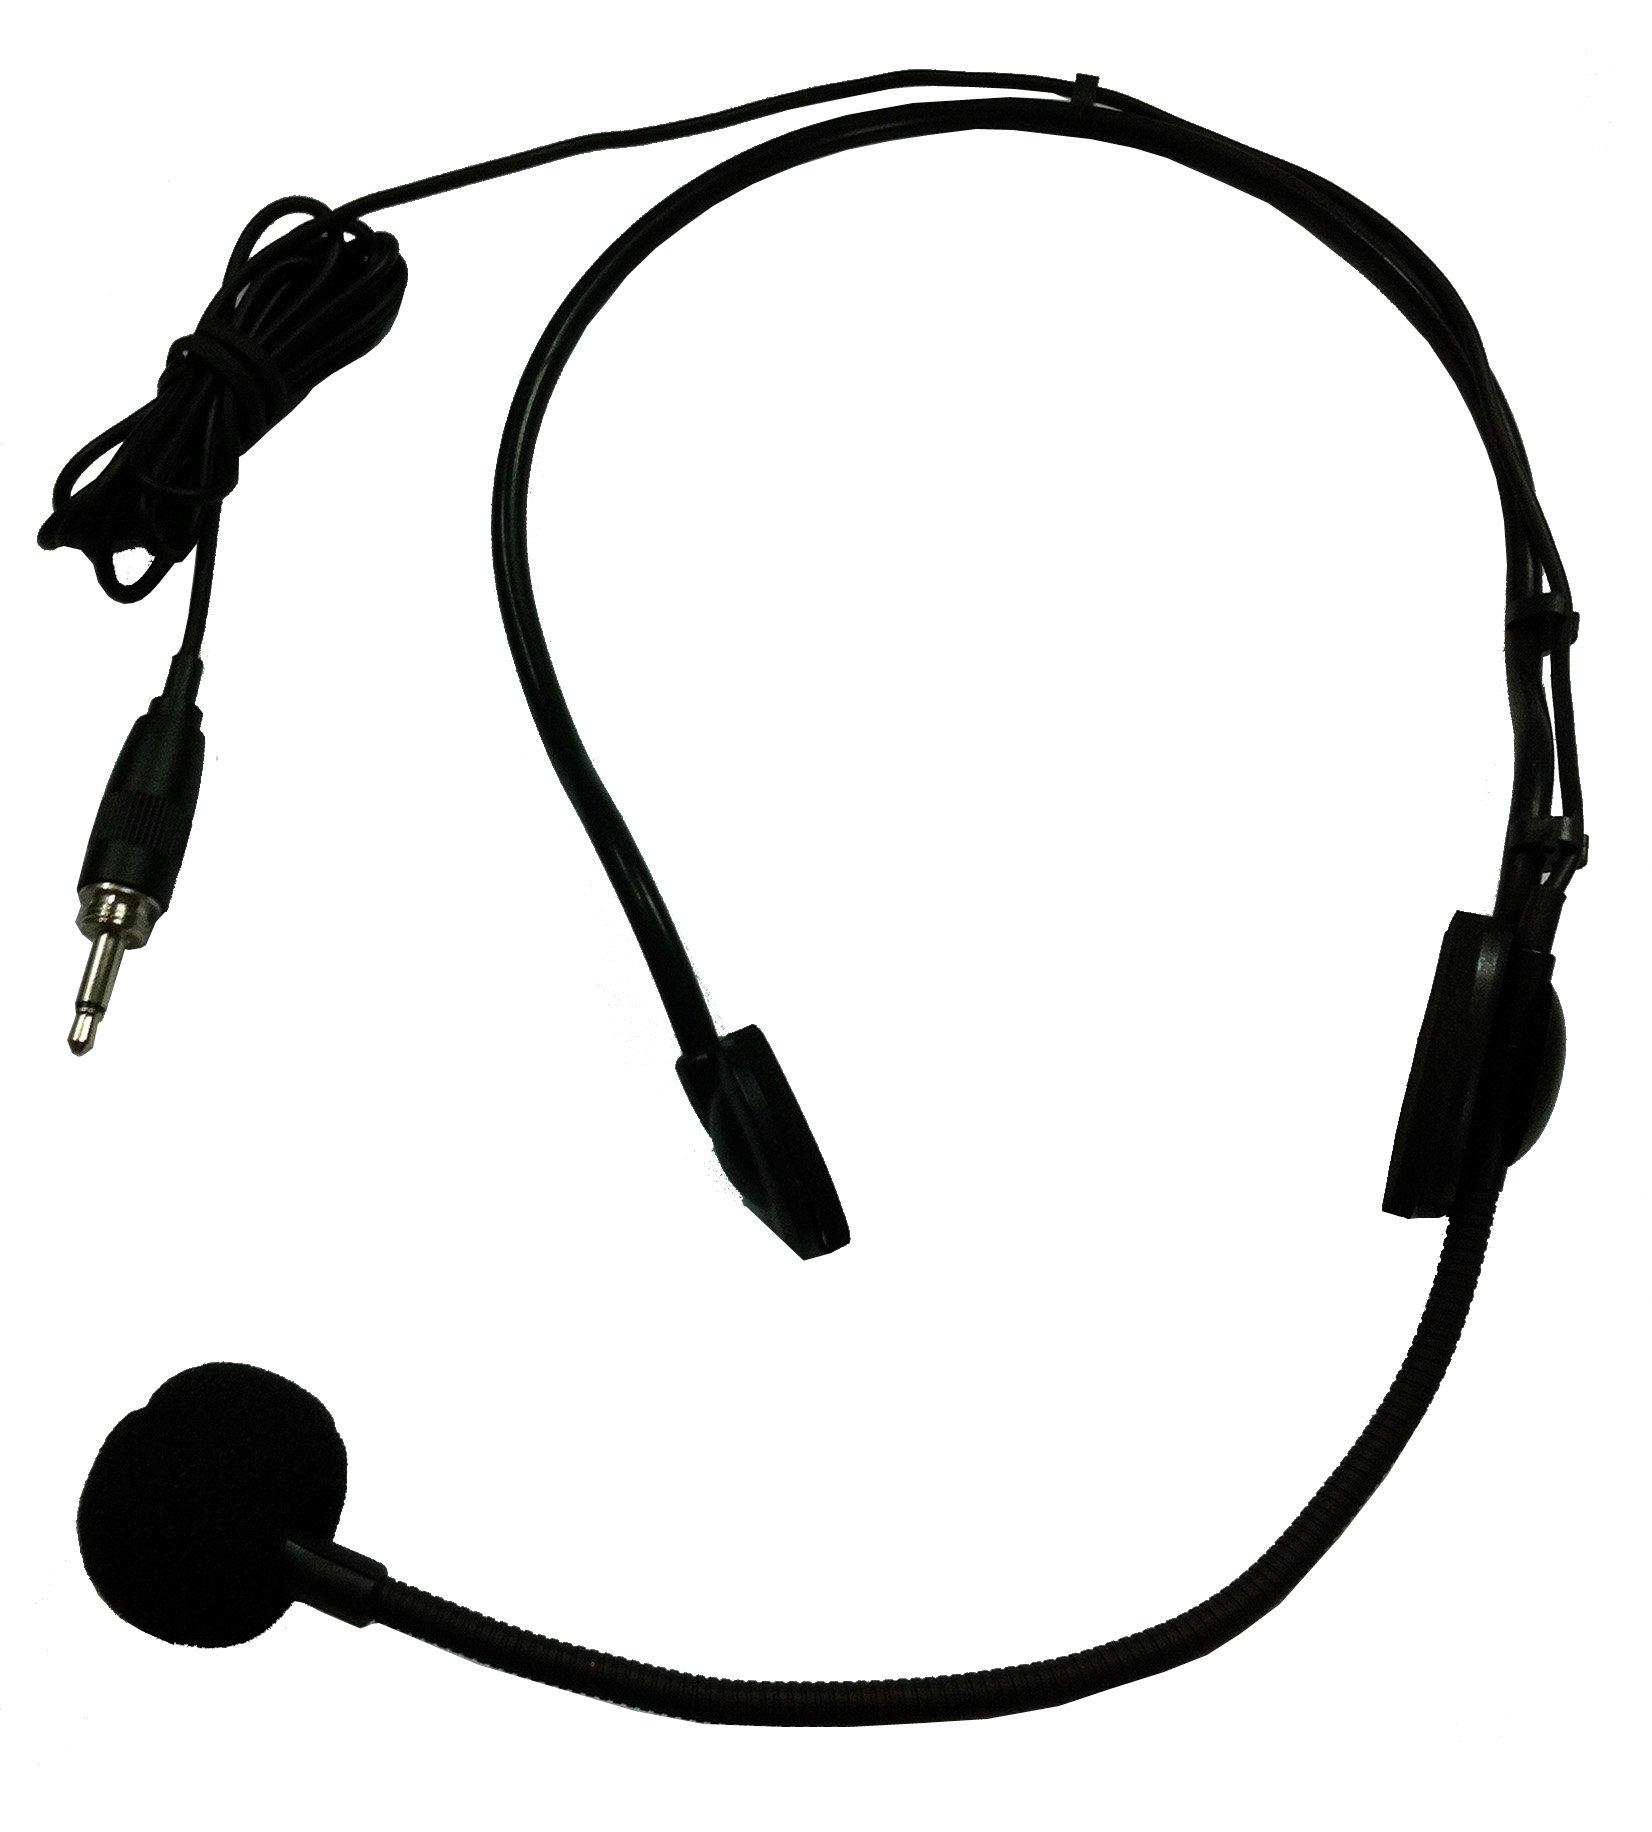 M110 頭戴咪 (U202 教師無線咪專用)